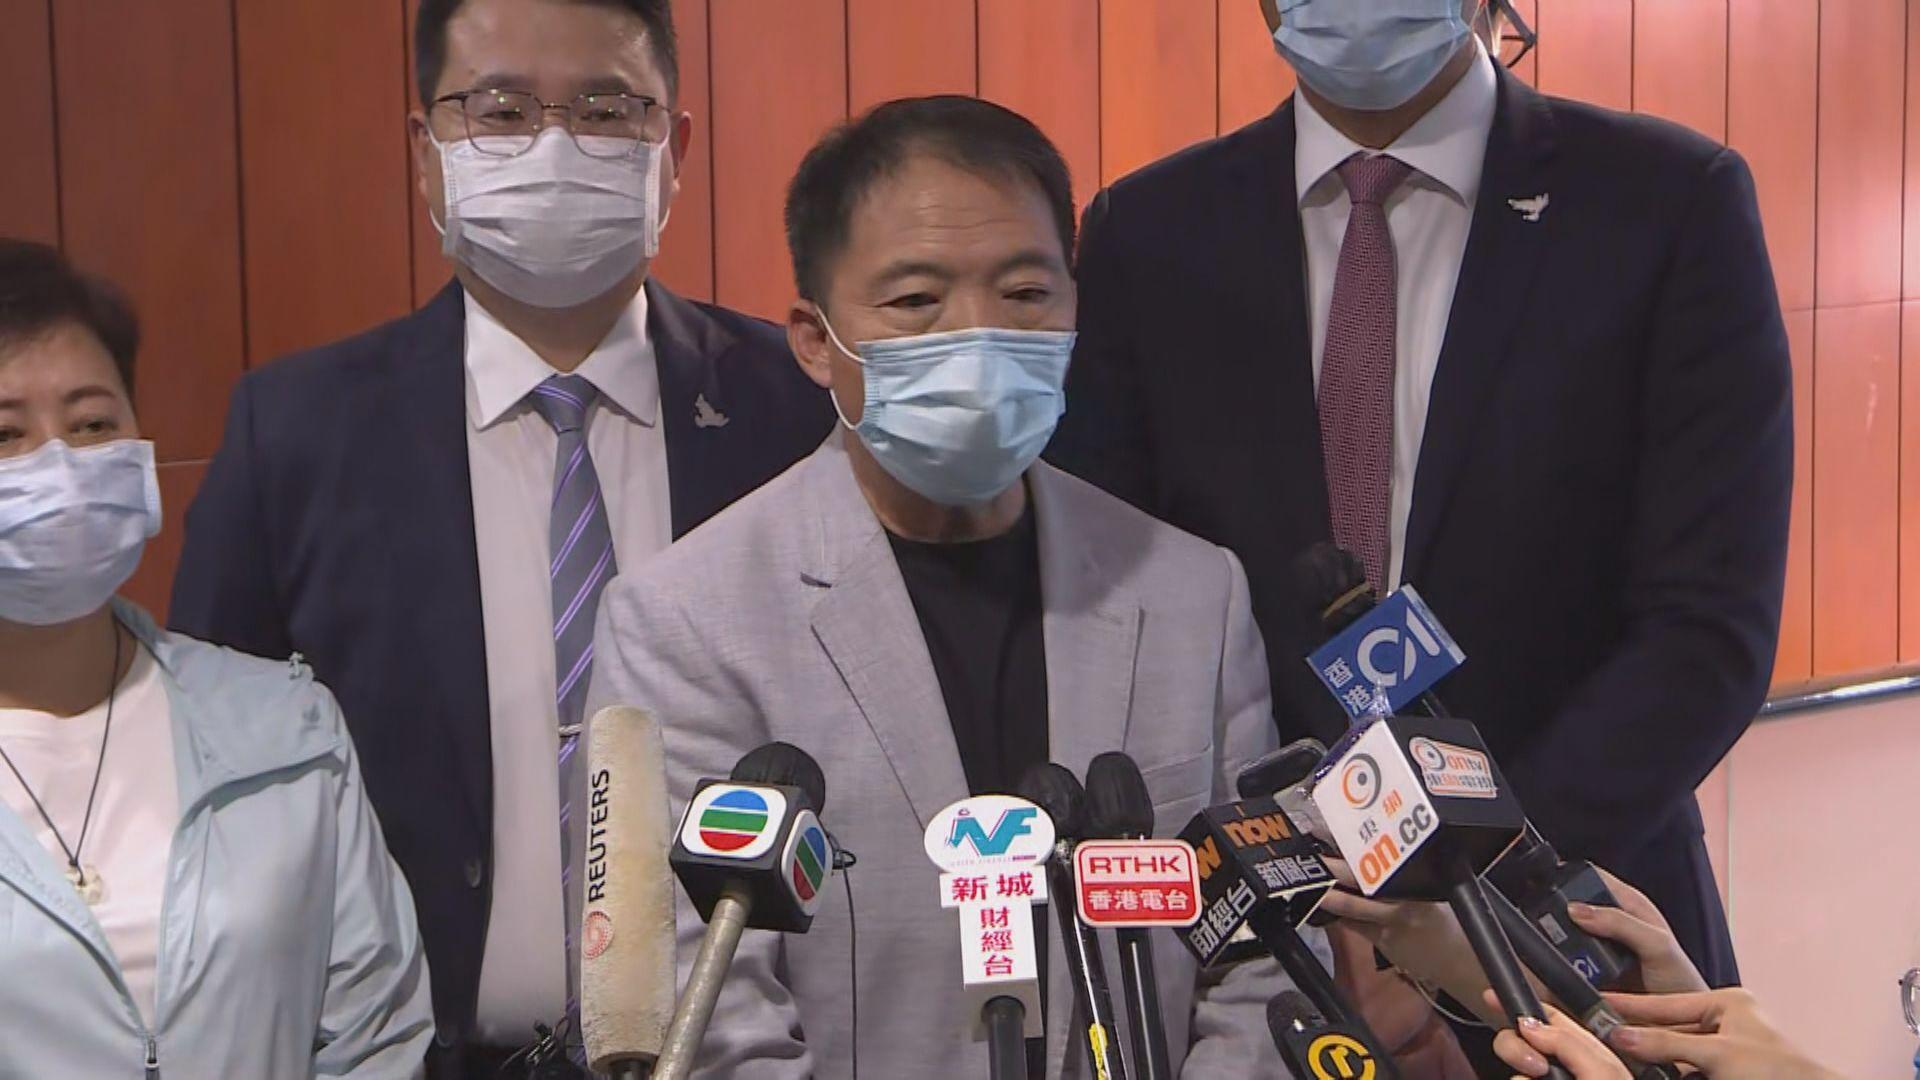 胡志偉:應思考賦予選舉新意義